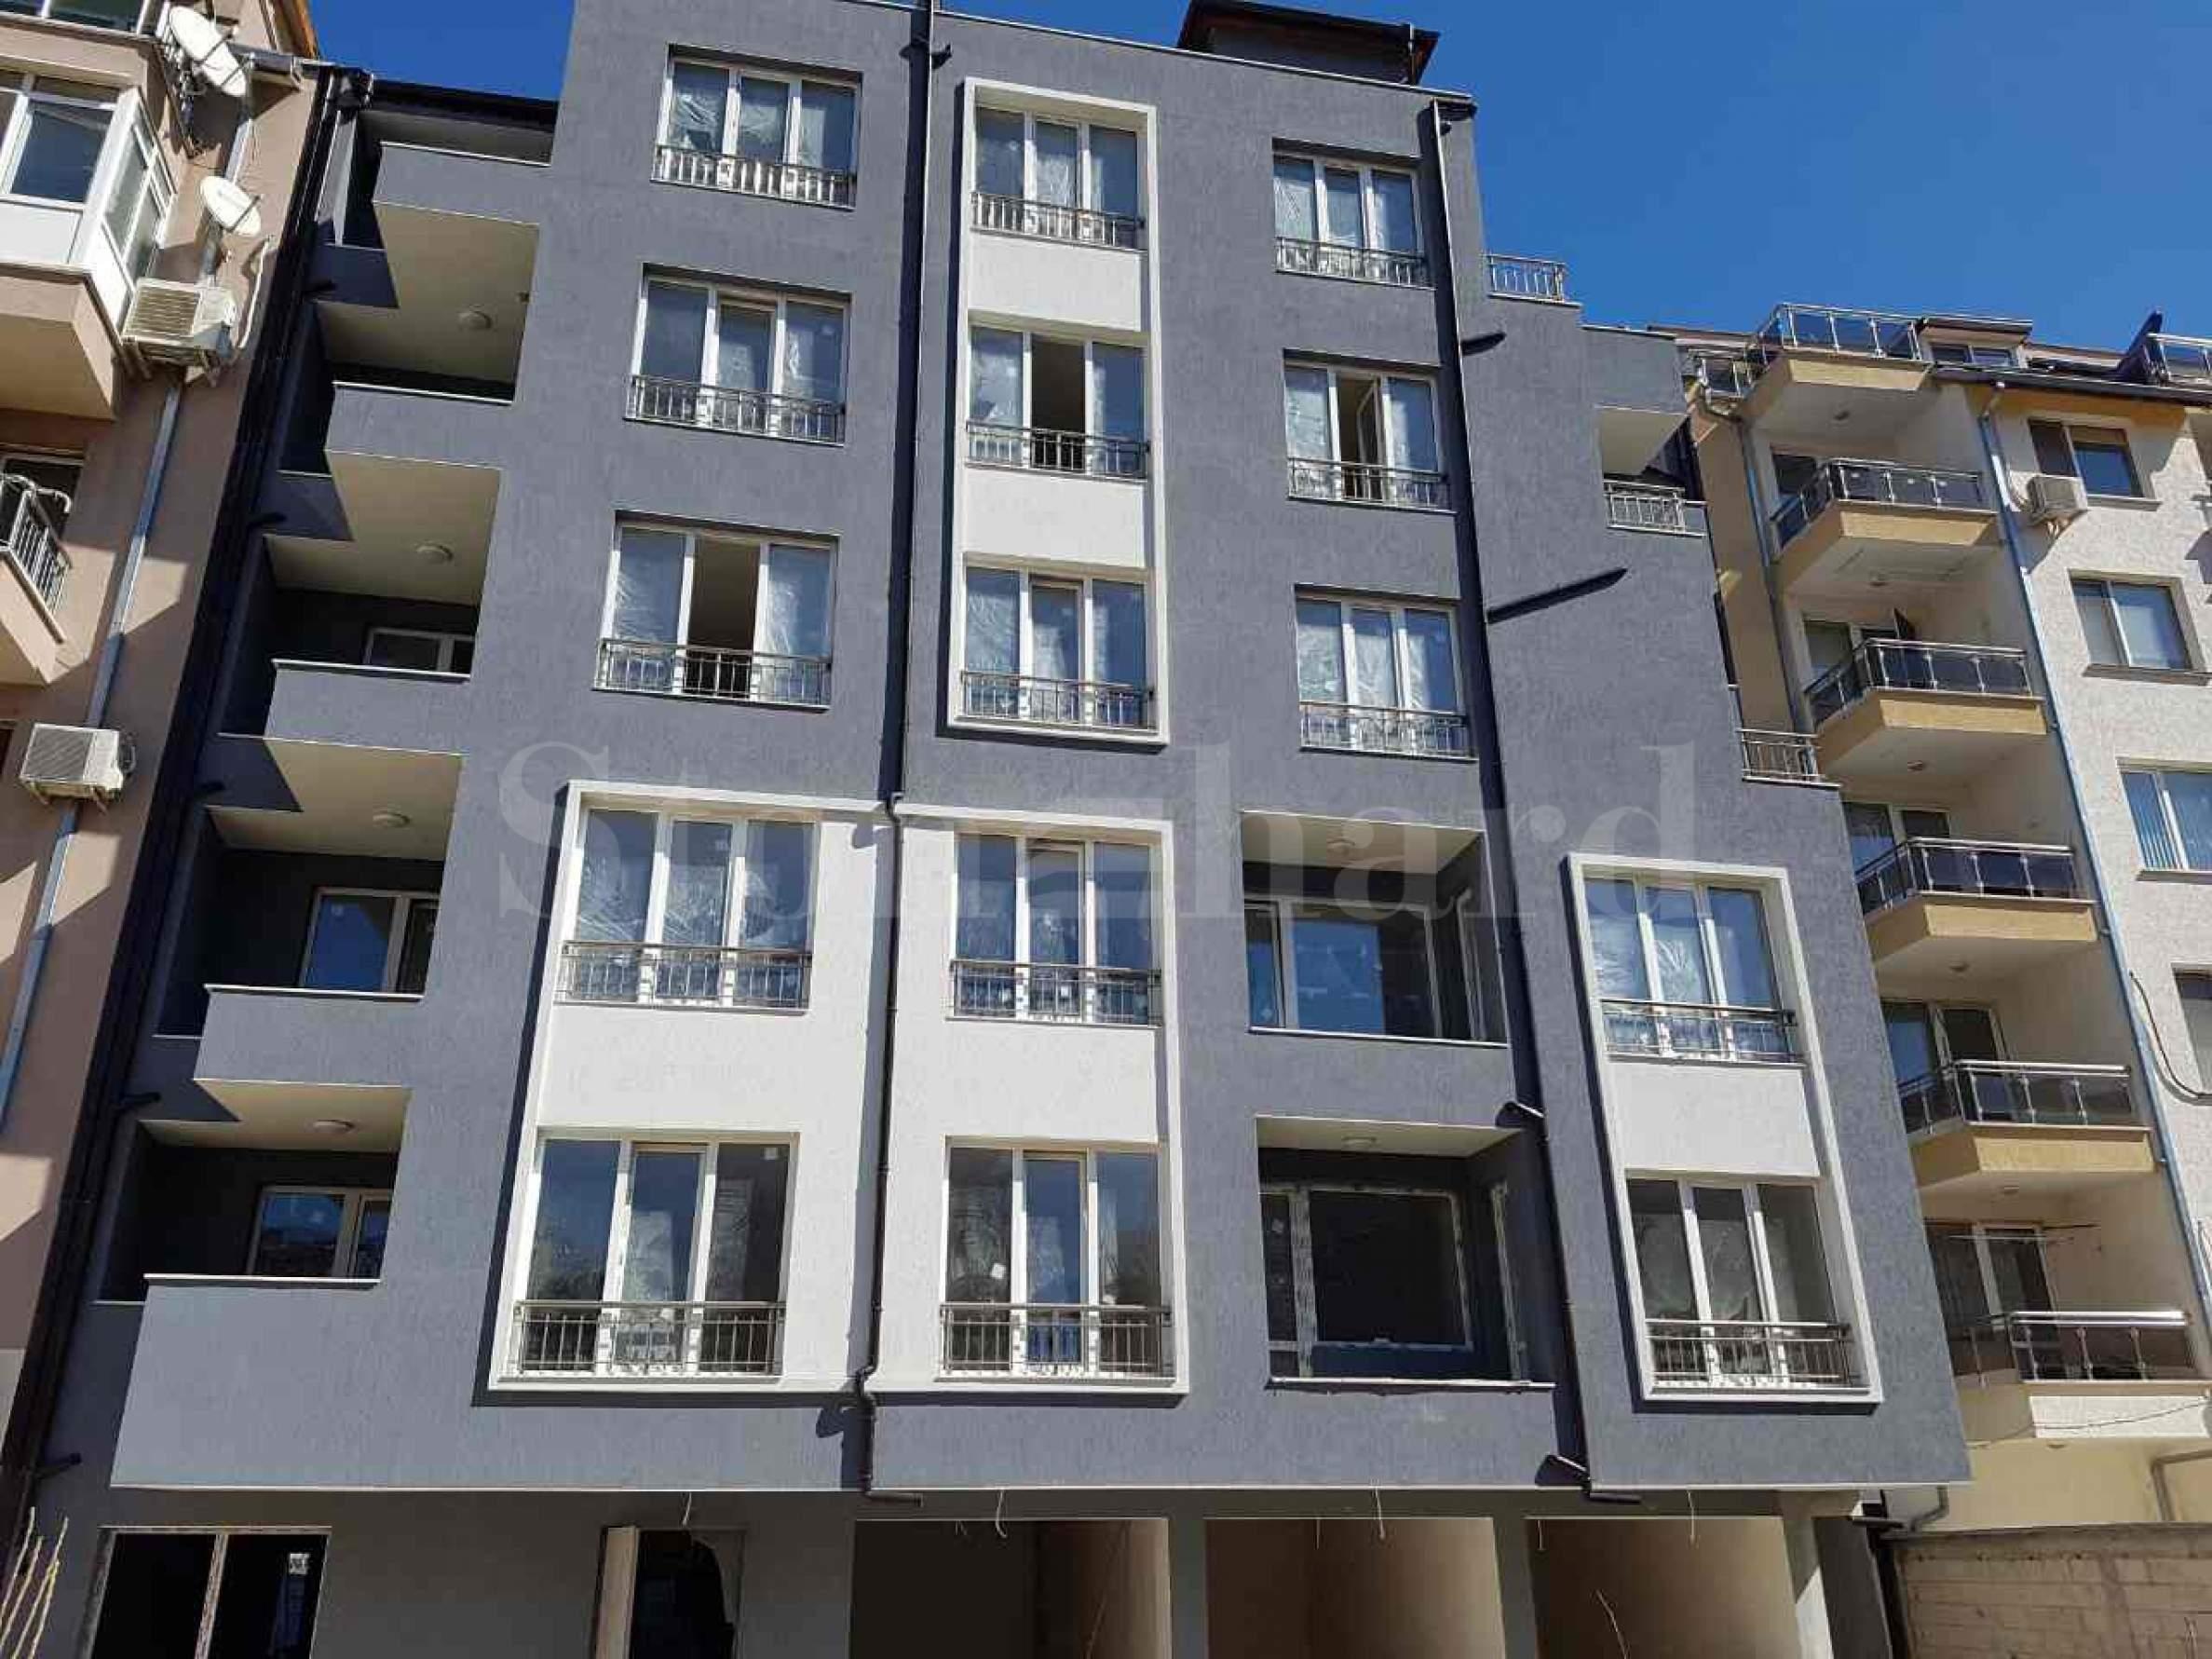 Двустайни и тристайни апартаменти в кв. Аспарухово1 - Stonehard